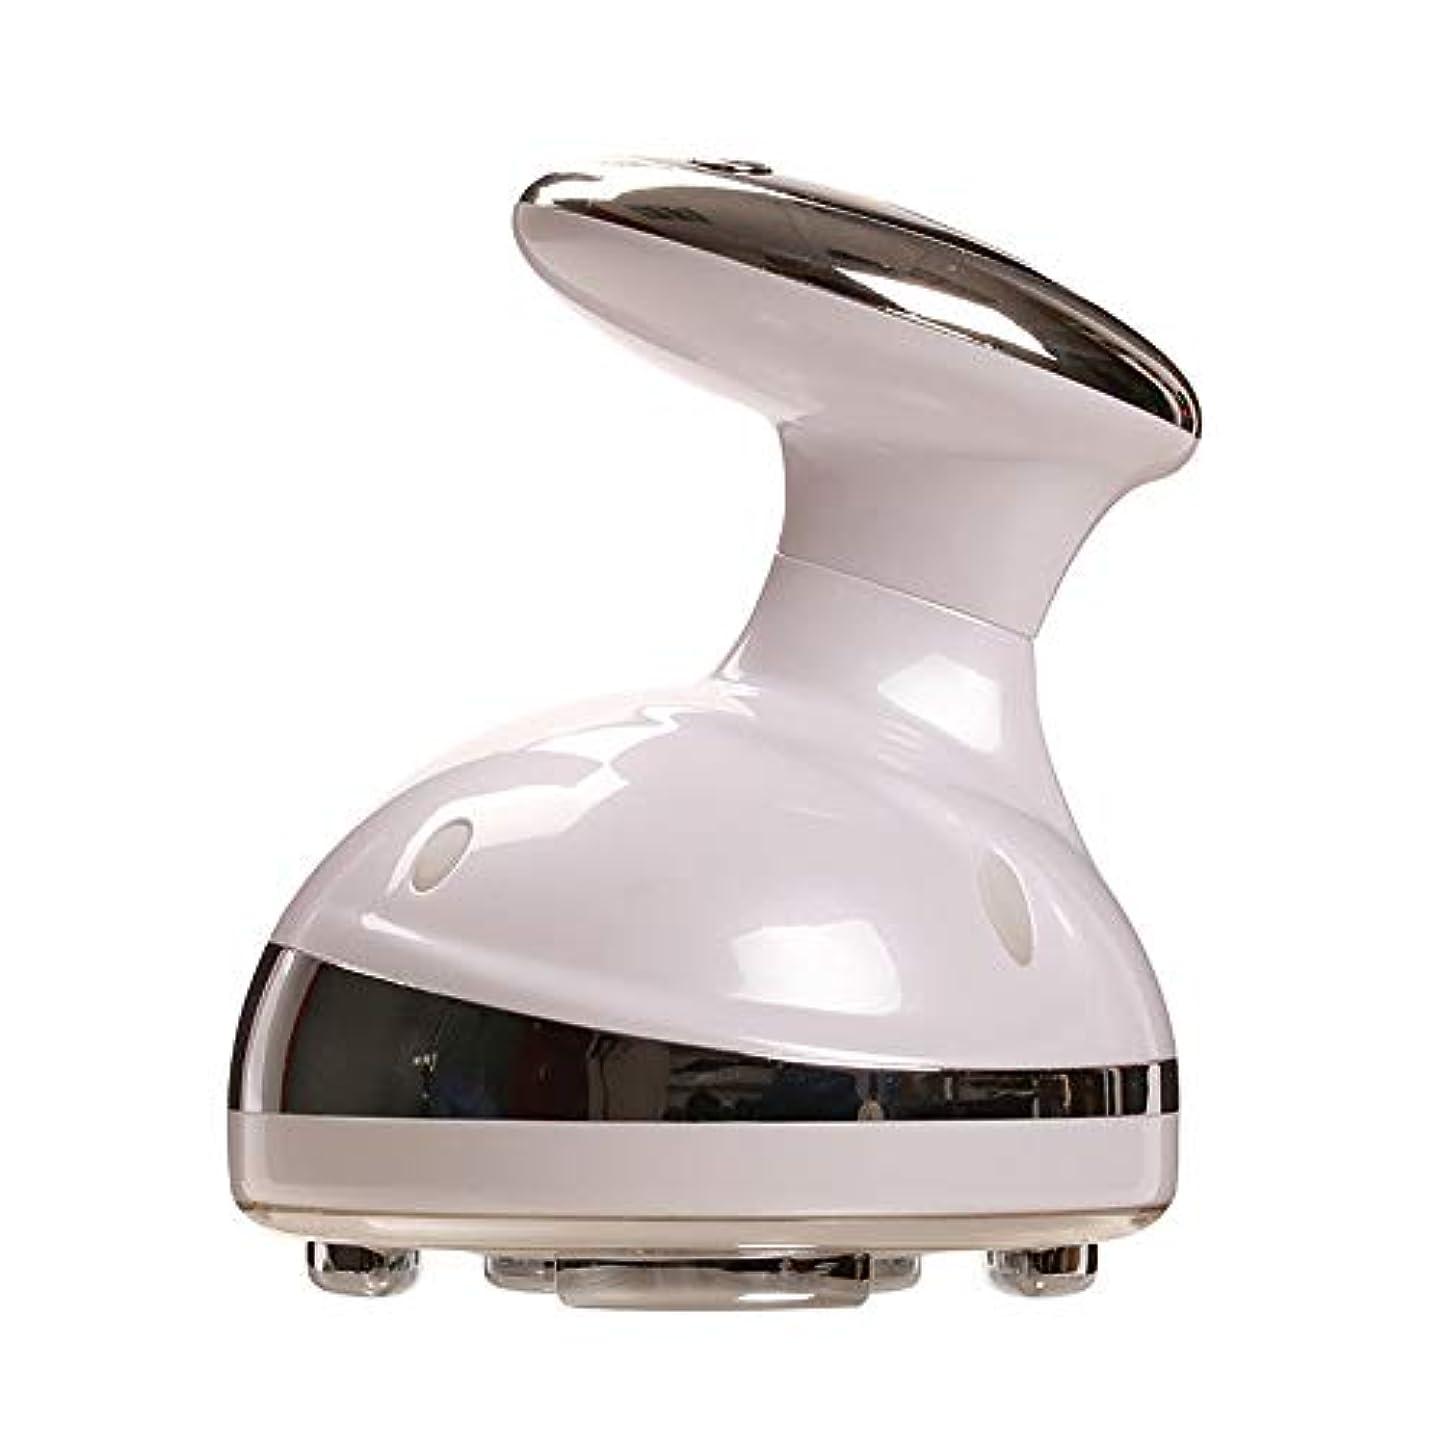 必需品パネル放置電動痩身マッサージ充電式ハンドヘルド脂肪除去デバイス用アームレッグウエストヒップマッサージフェイシャルスキンリフティング Tighting,White